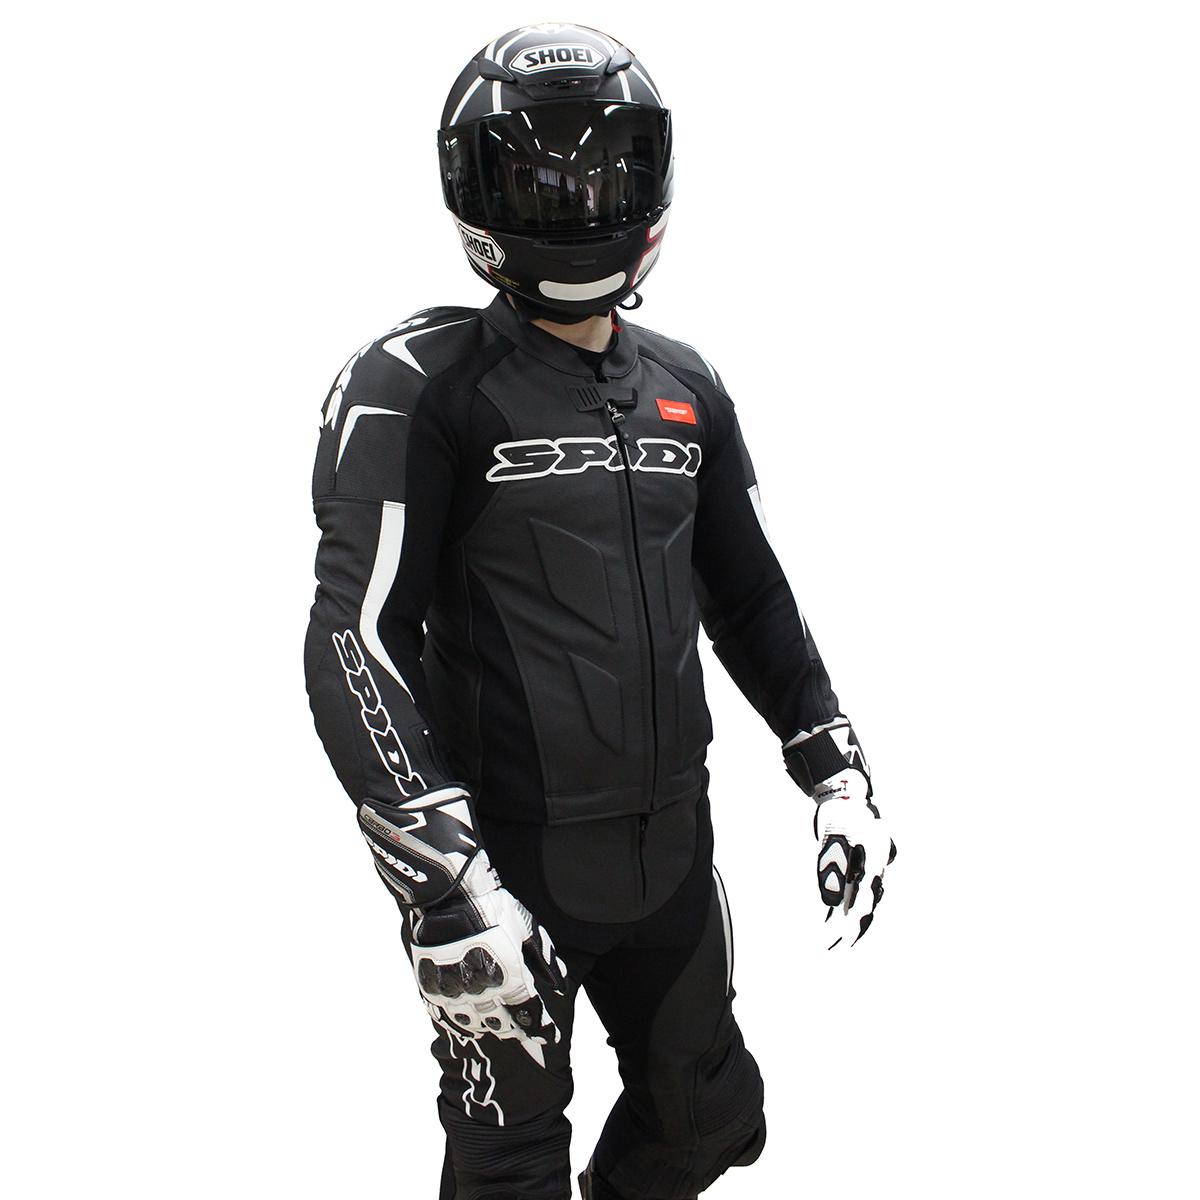 Macacão Spidi Super Sport Touring Preto c/ Branco XP5  - Nova Suzuki Motos e Acessórios